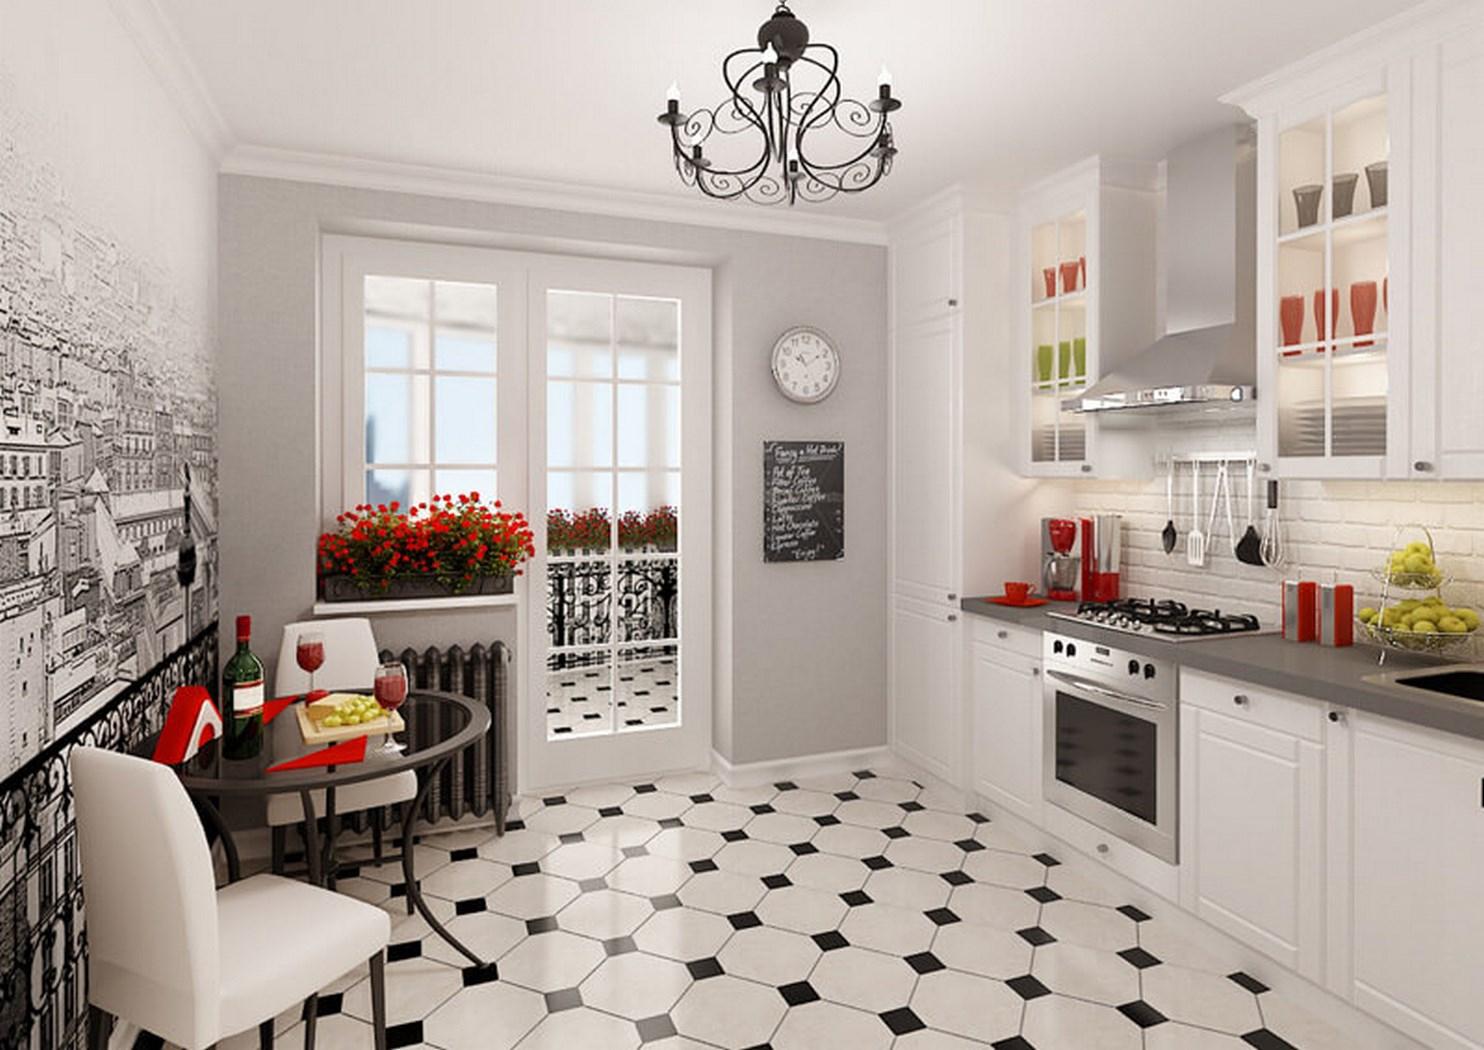 кухня в стиле кафе идеи